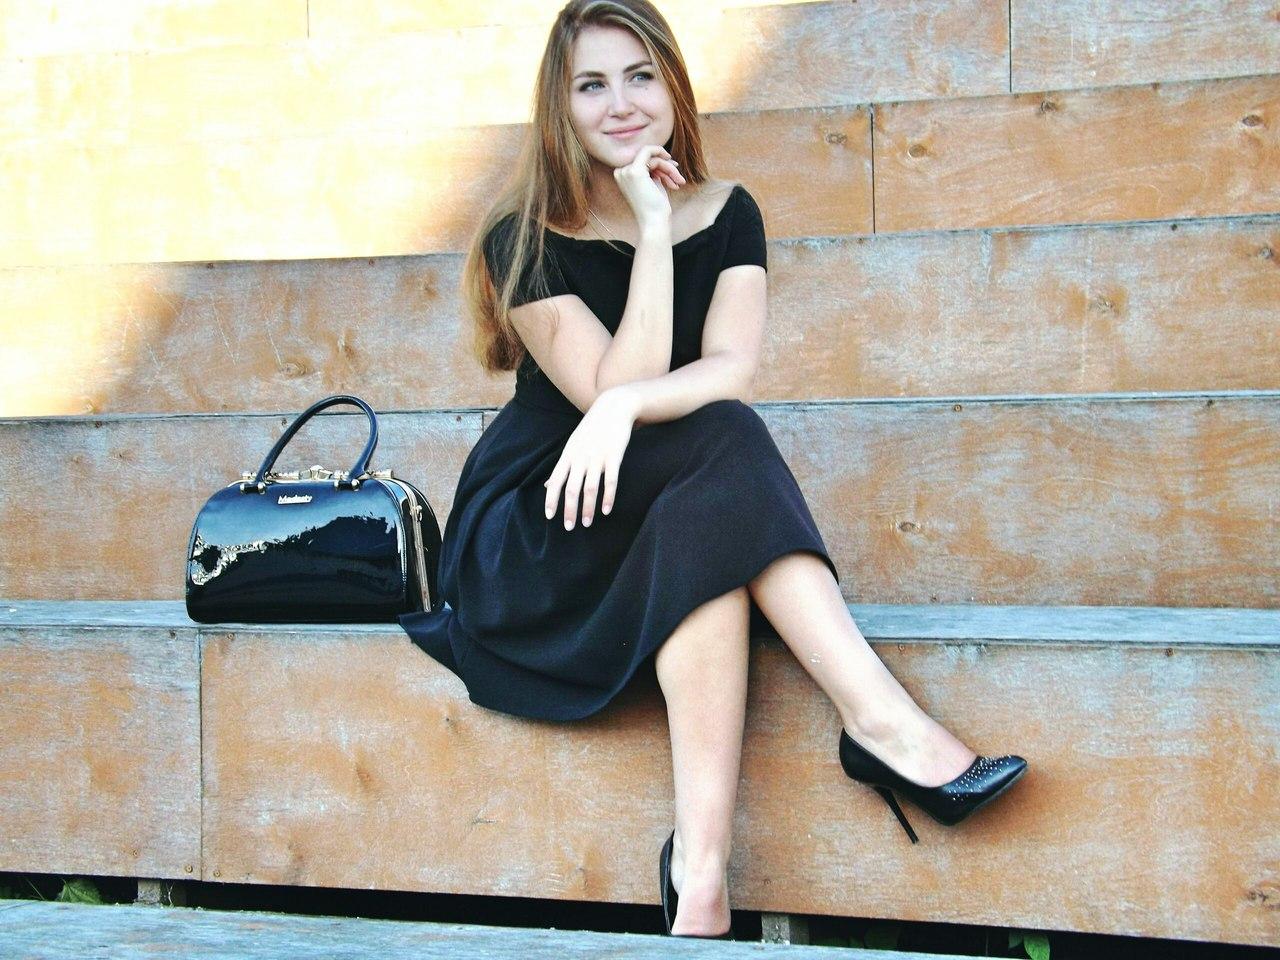 Работа девушке моделью кирово чепецк предложение девушке на работе